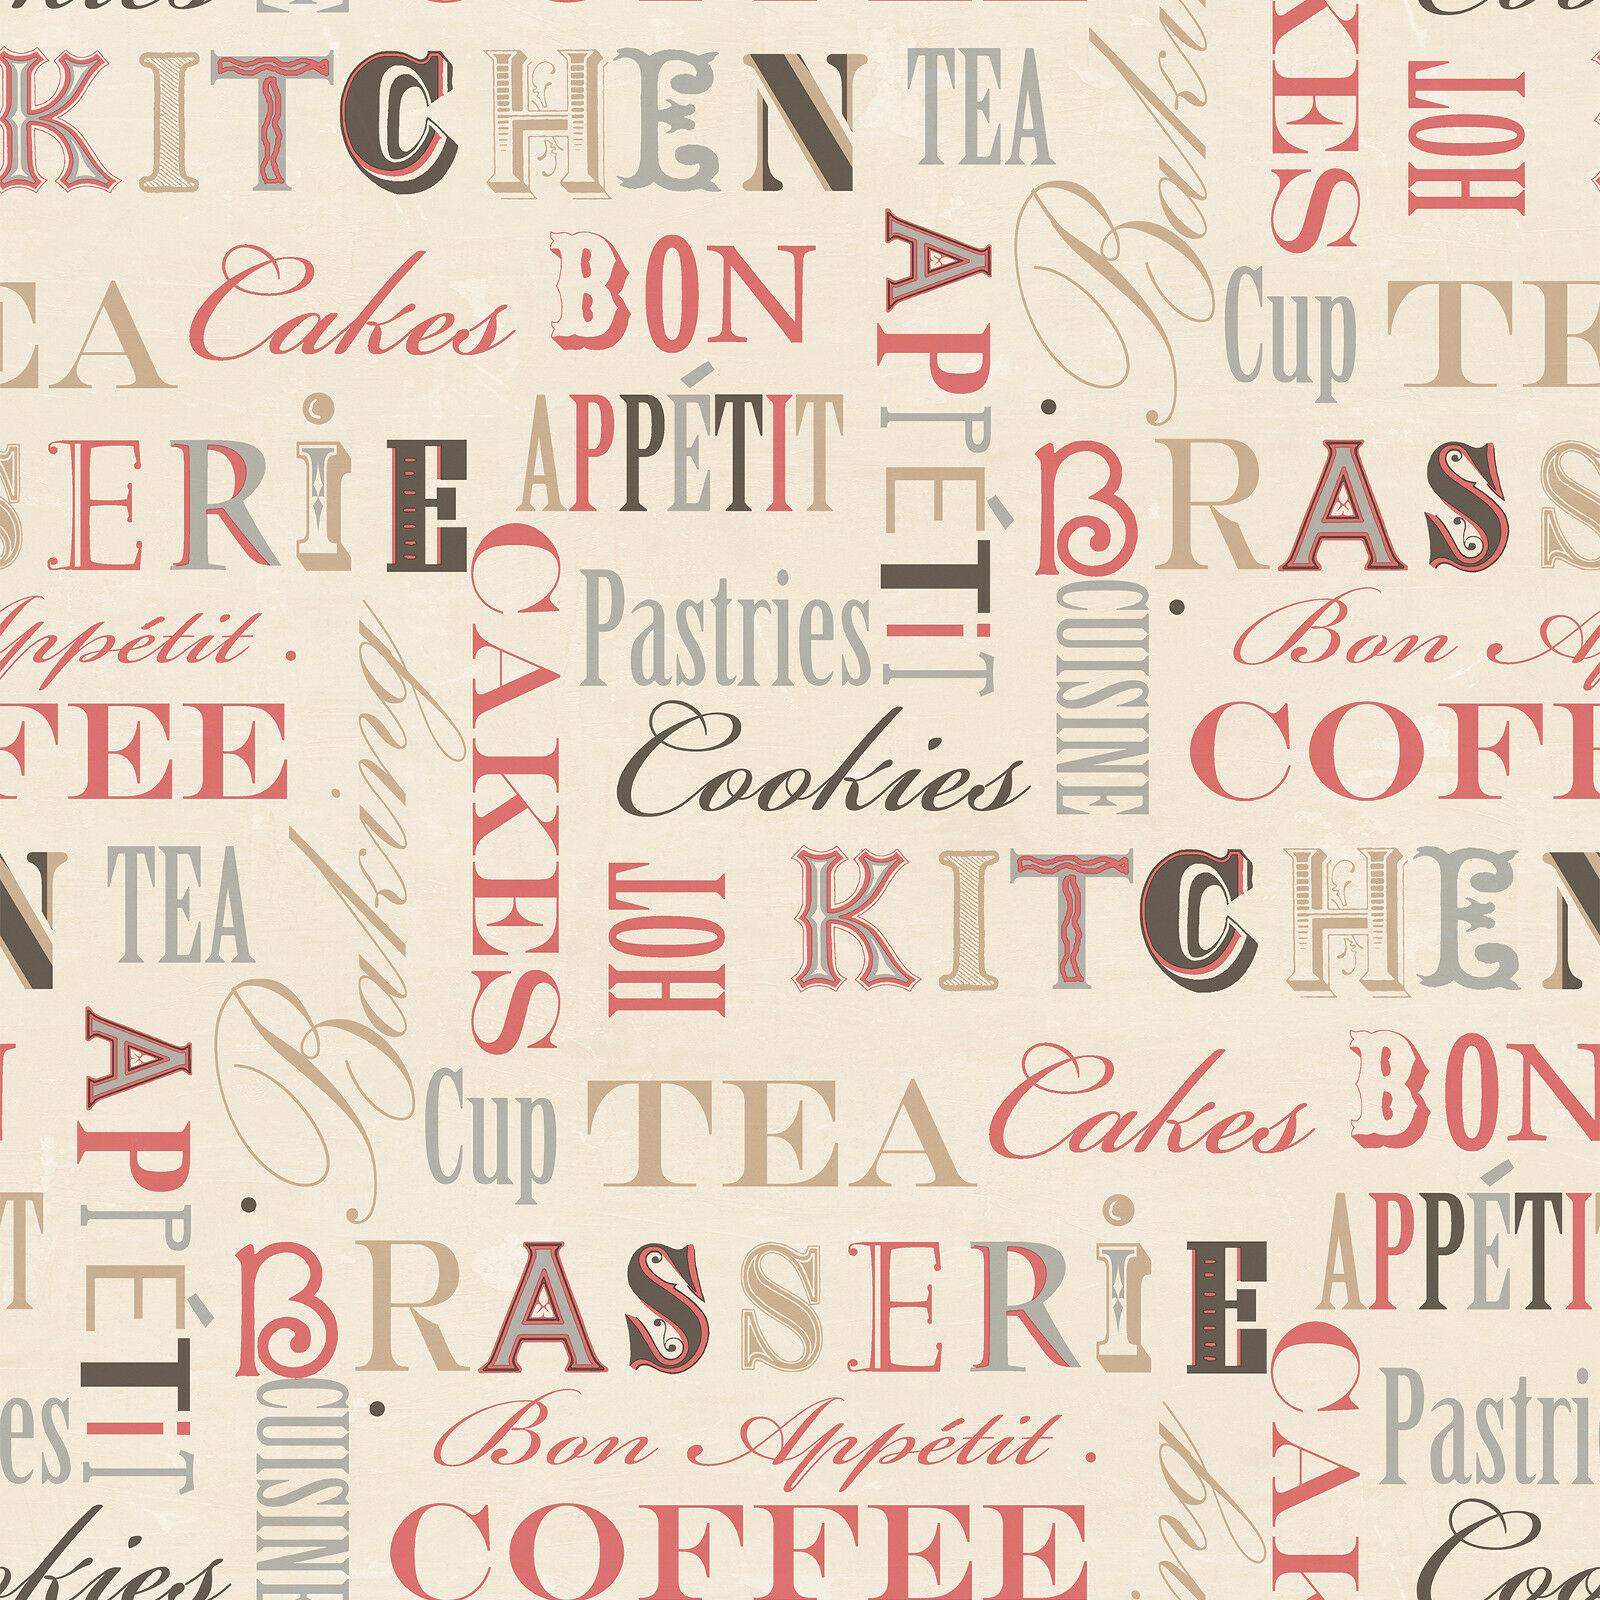 Full Size of Tapete Küche Kaffee Kchentapeten Mehr Als 200 Angebote Industrie Küchen Regal Gardinen Für Kaufen Ikea Kreidetafel Gebrauchte Anrichte Granitplatten Kleiner Wohnzimmer Tapete Küche Kaffee